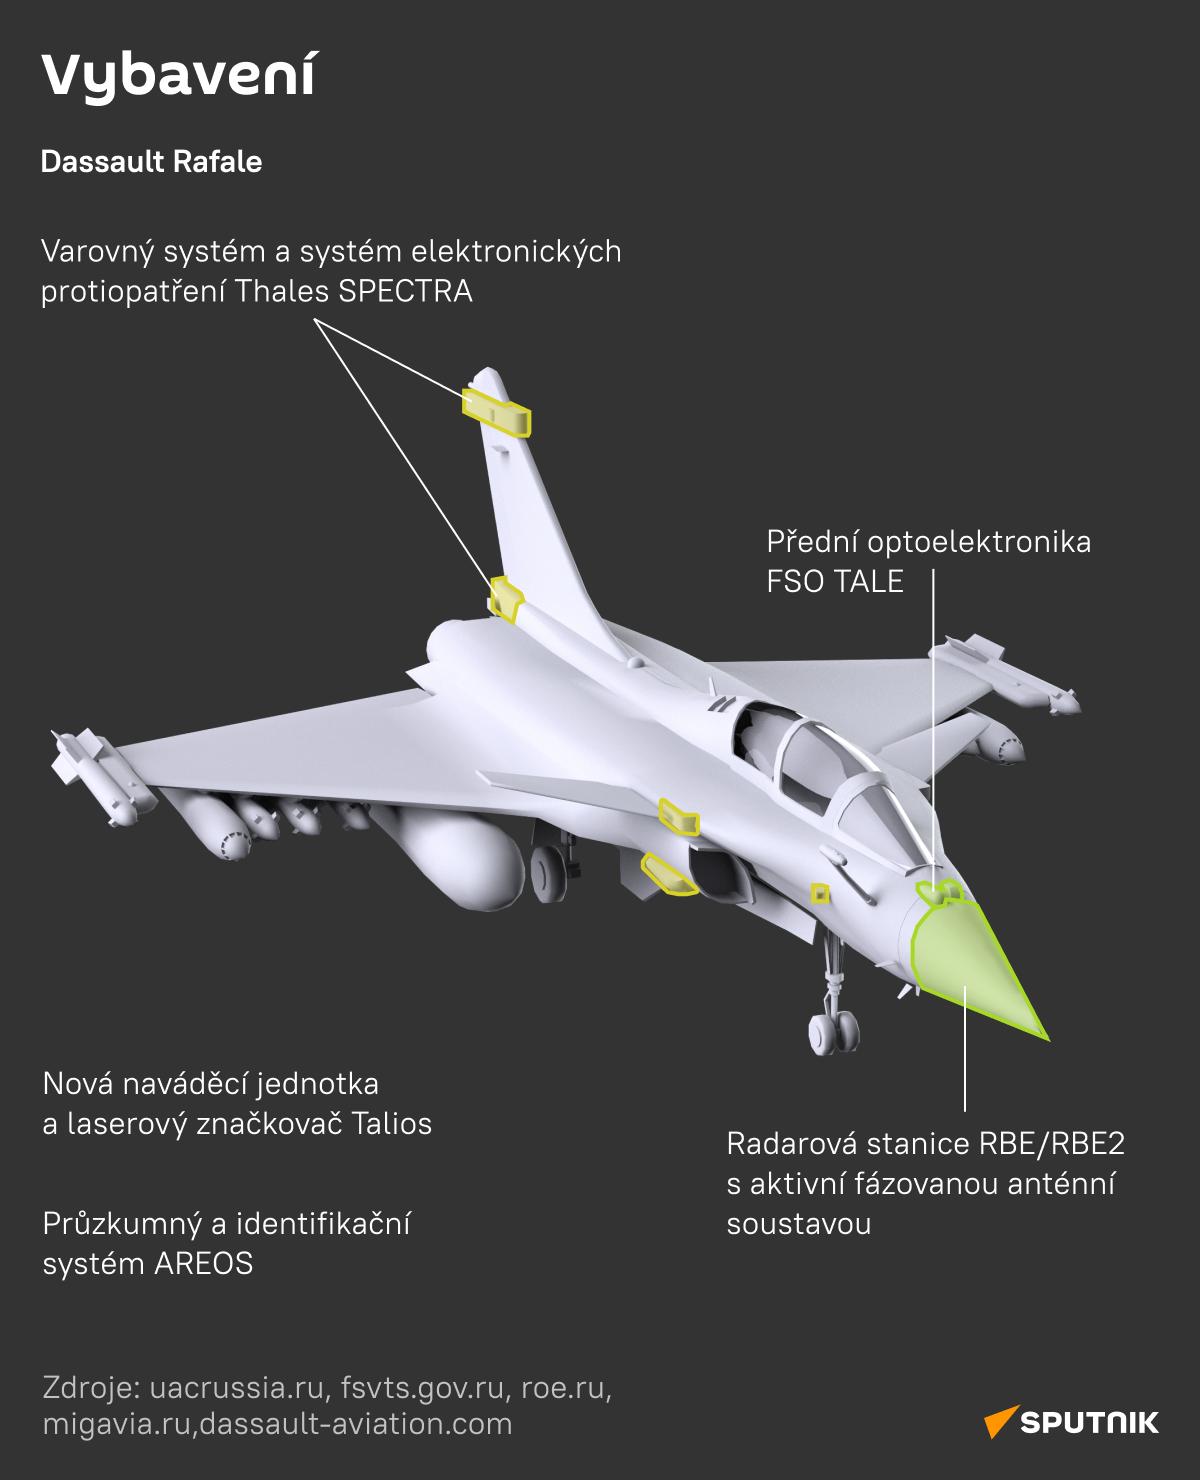 Vybavení: Dassault Rafale - Sputnik Česká republika